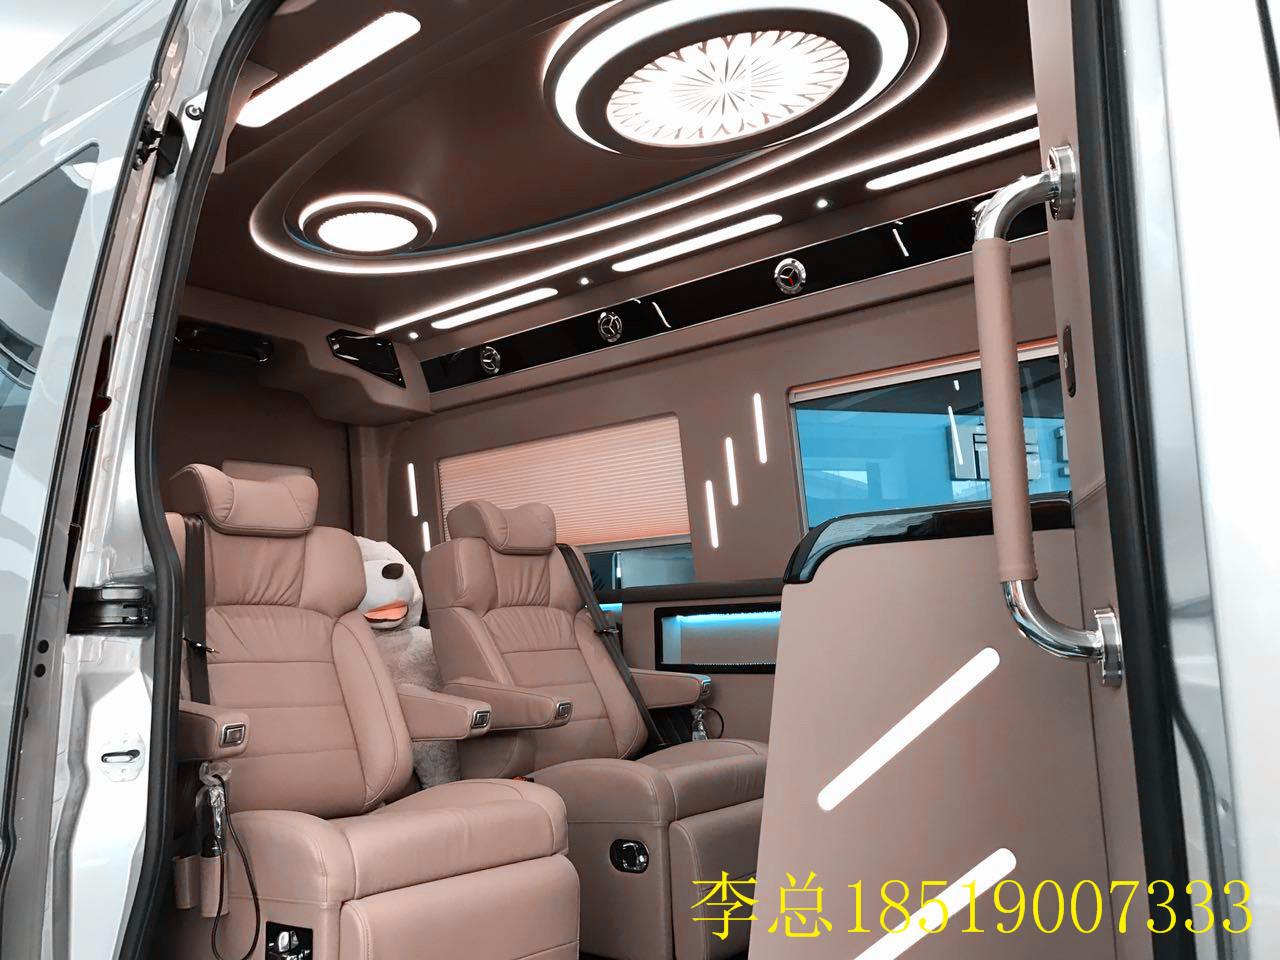 、 2017款进口奔驰斯宾特红木总裁版商务车重视结构和形式的完整,追求材料、技术、空间的表现深度与精确。大量的隐藏设备,确保了空间的简约,内饰线条流畅。经典沉稳的黑色涂装,配以彩色流线贴装饰,前置氙气大灯,拥有超长及超广角视野。总裁版房车轮胎采用倍耐力 SCORPION-ZERO 蝎子STR全能胎,19寸超大锻造轮毂,在材质、强度、延展性及耐久性远超一般车辆。车身(5910*1998*2750),蓝牌,c照可开,百公里经济油耗:10.